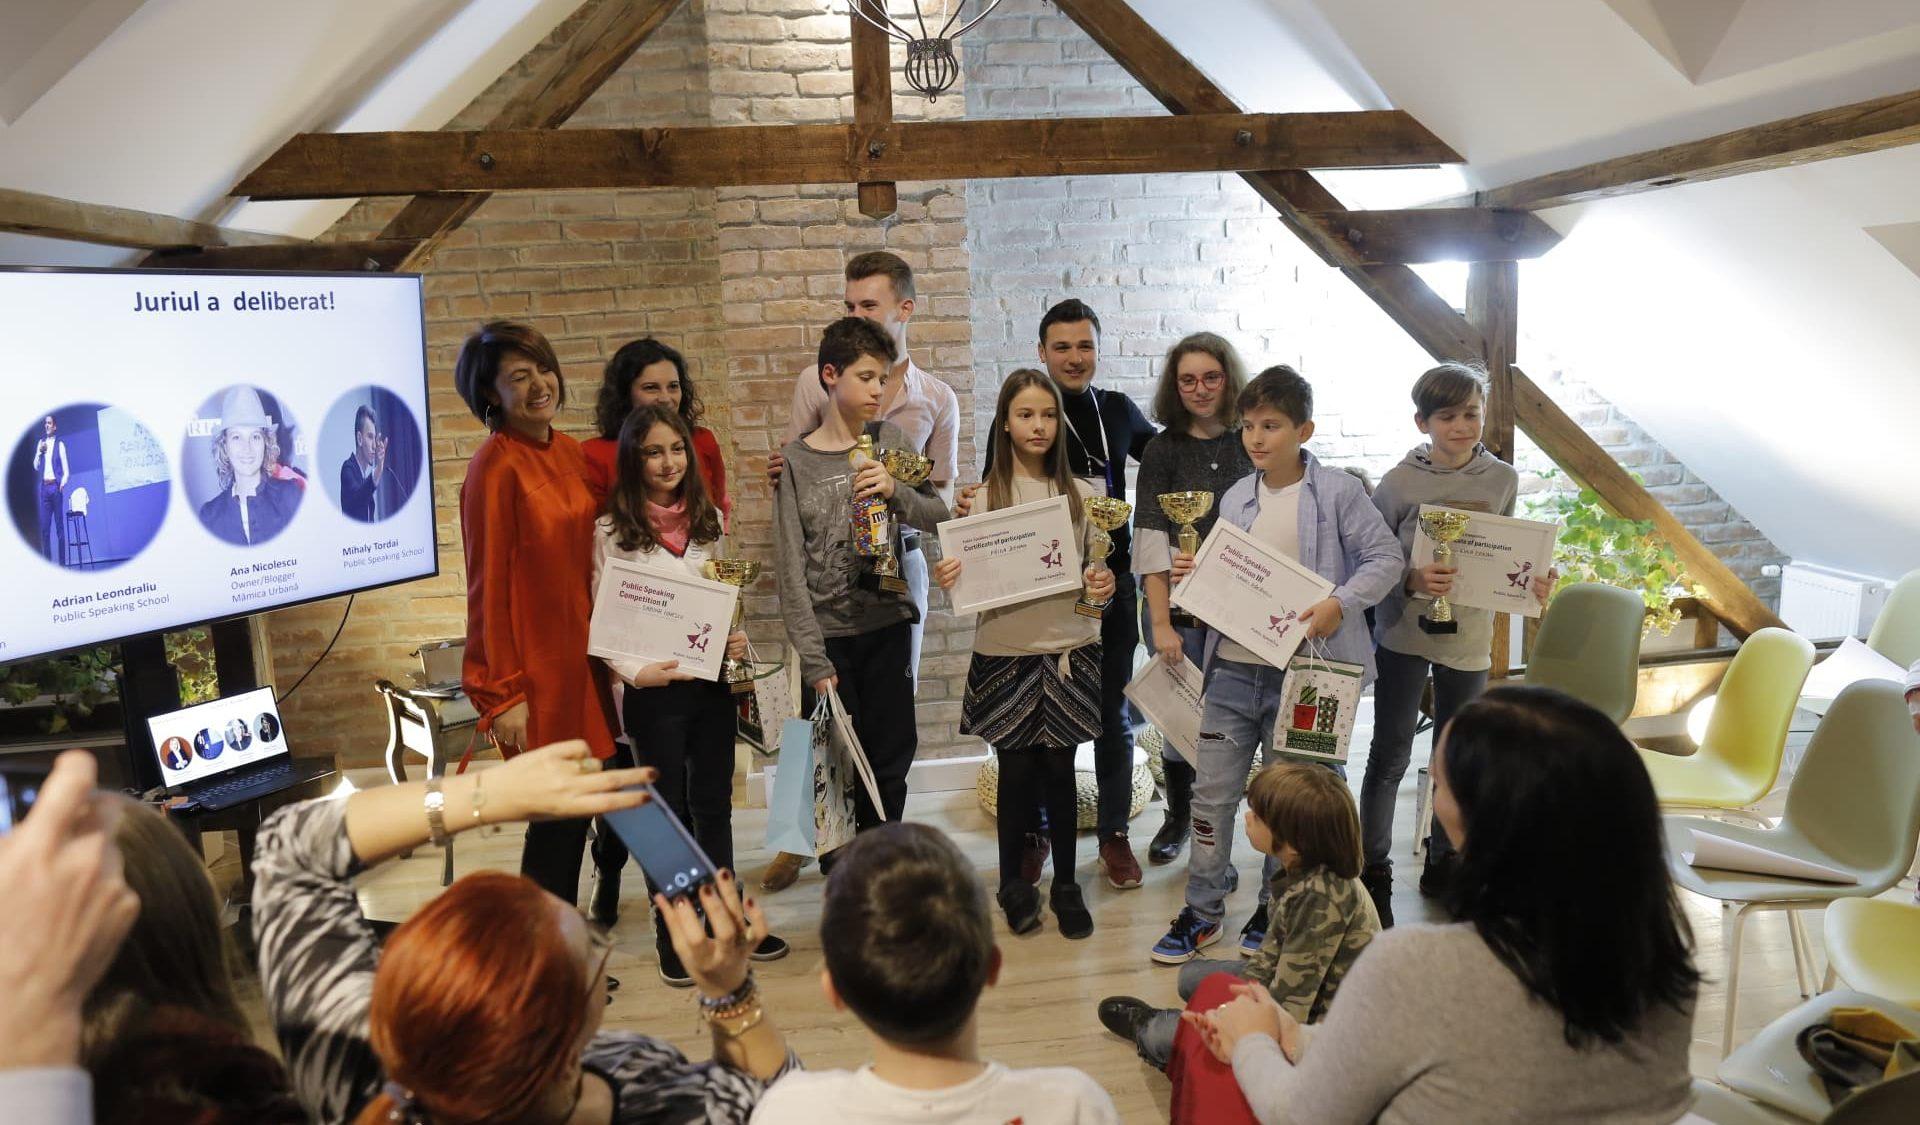 Concurs de public speaking - Public Speaking School